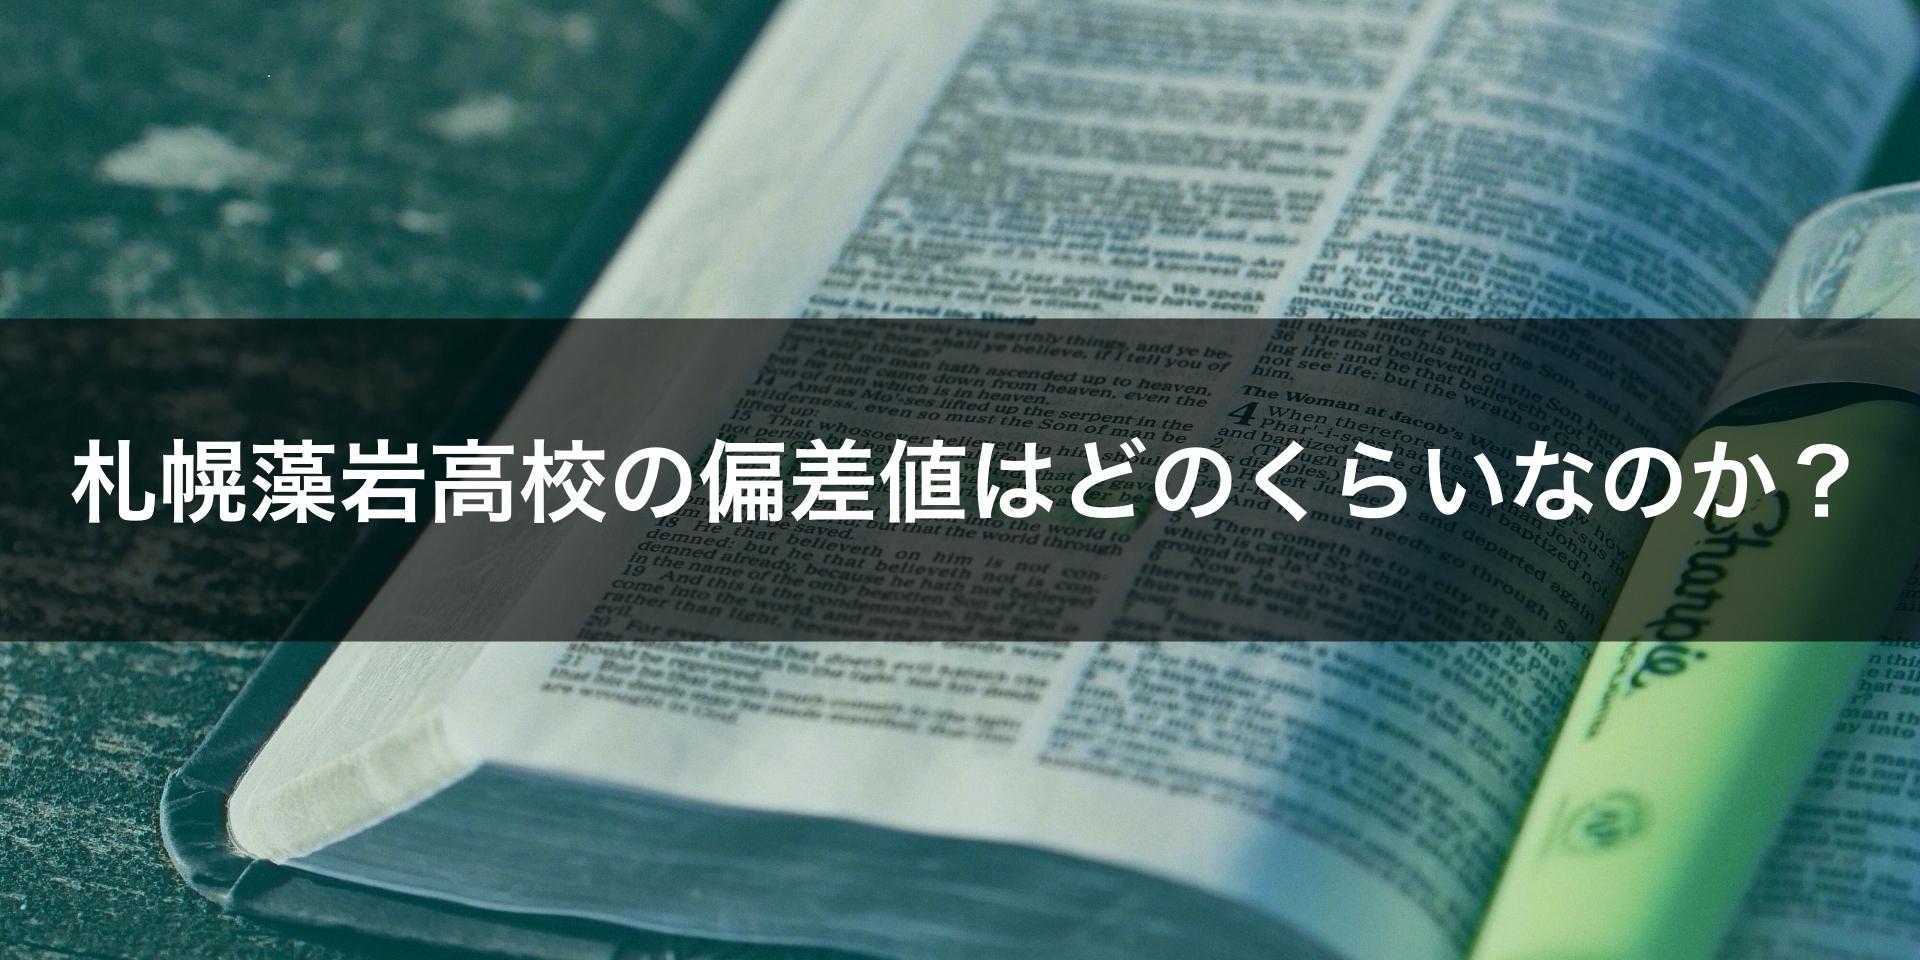 札幌藻岩高校の偏差値はどのくらいなのか?